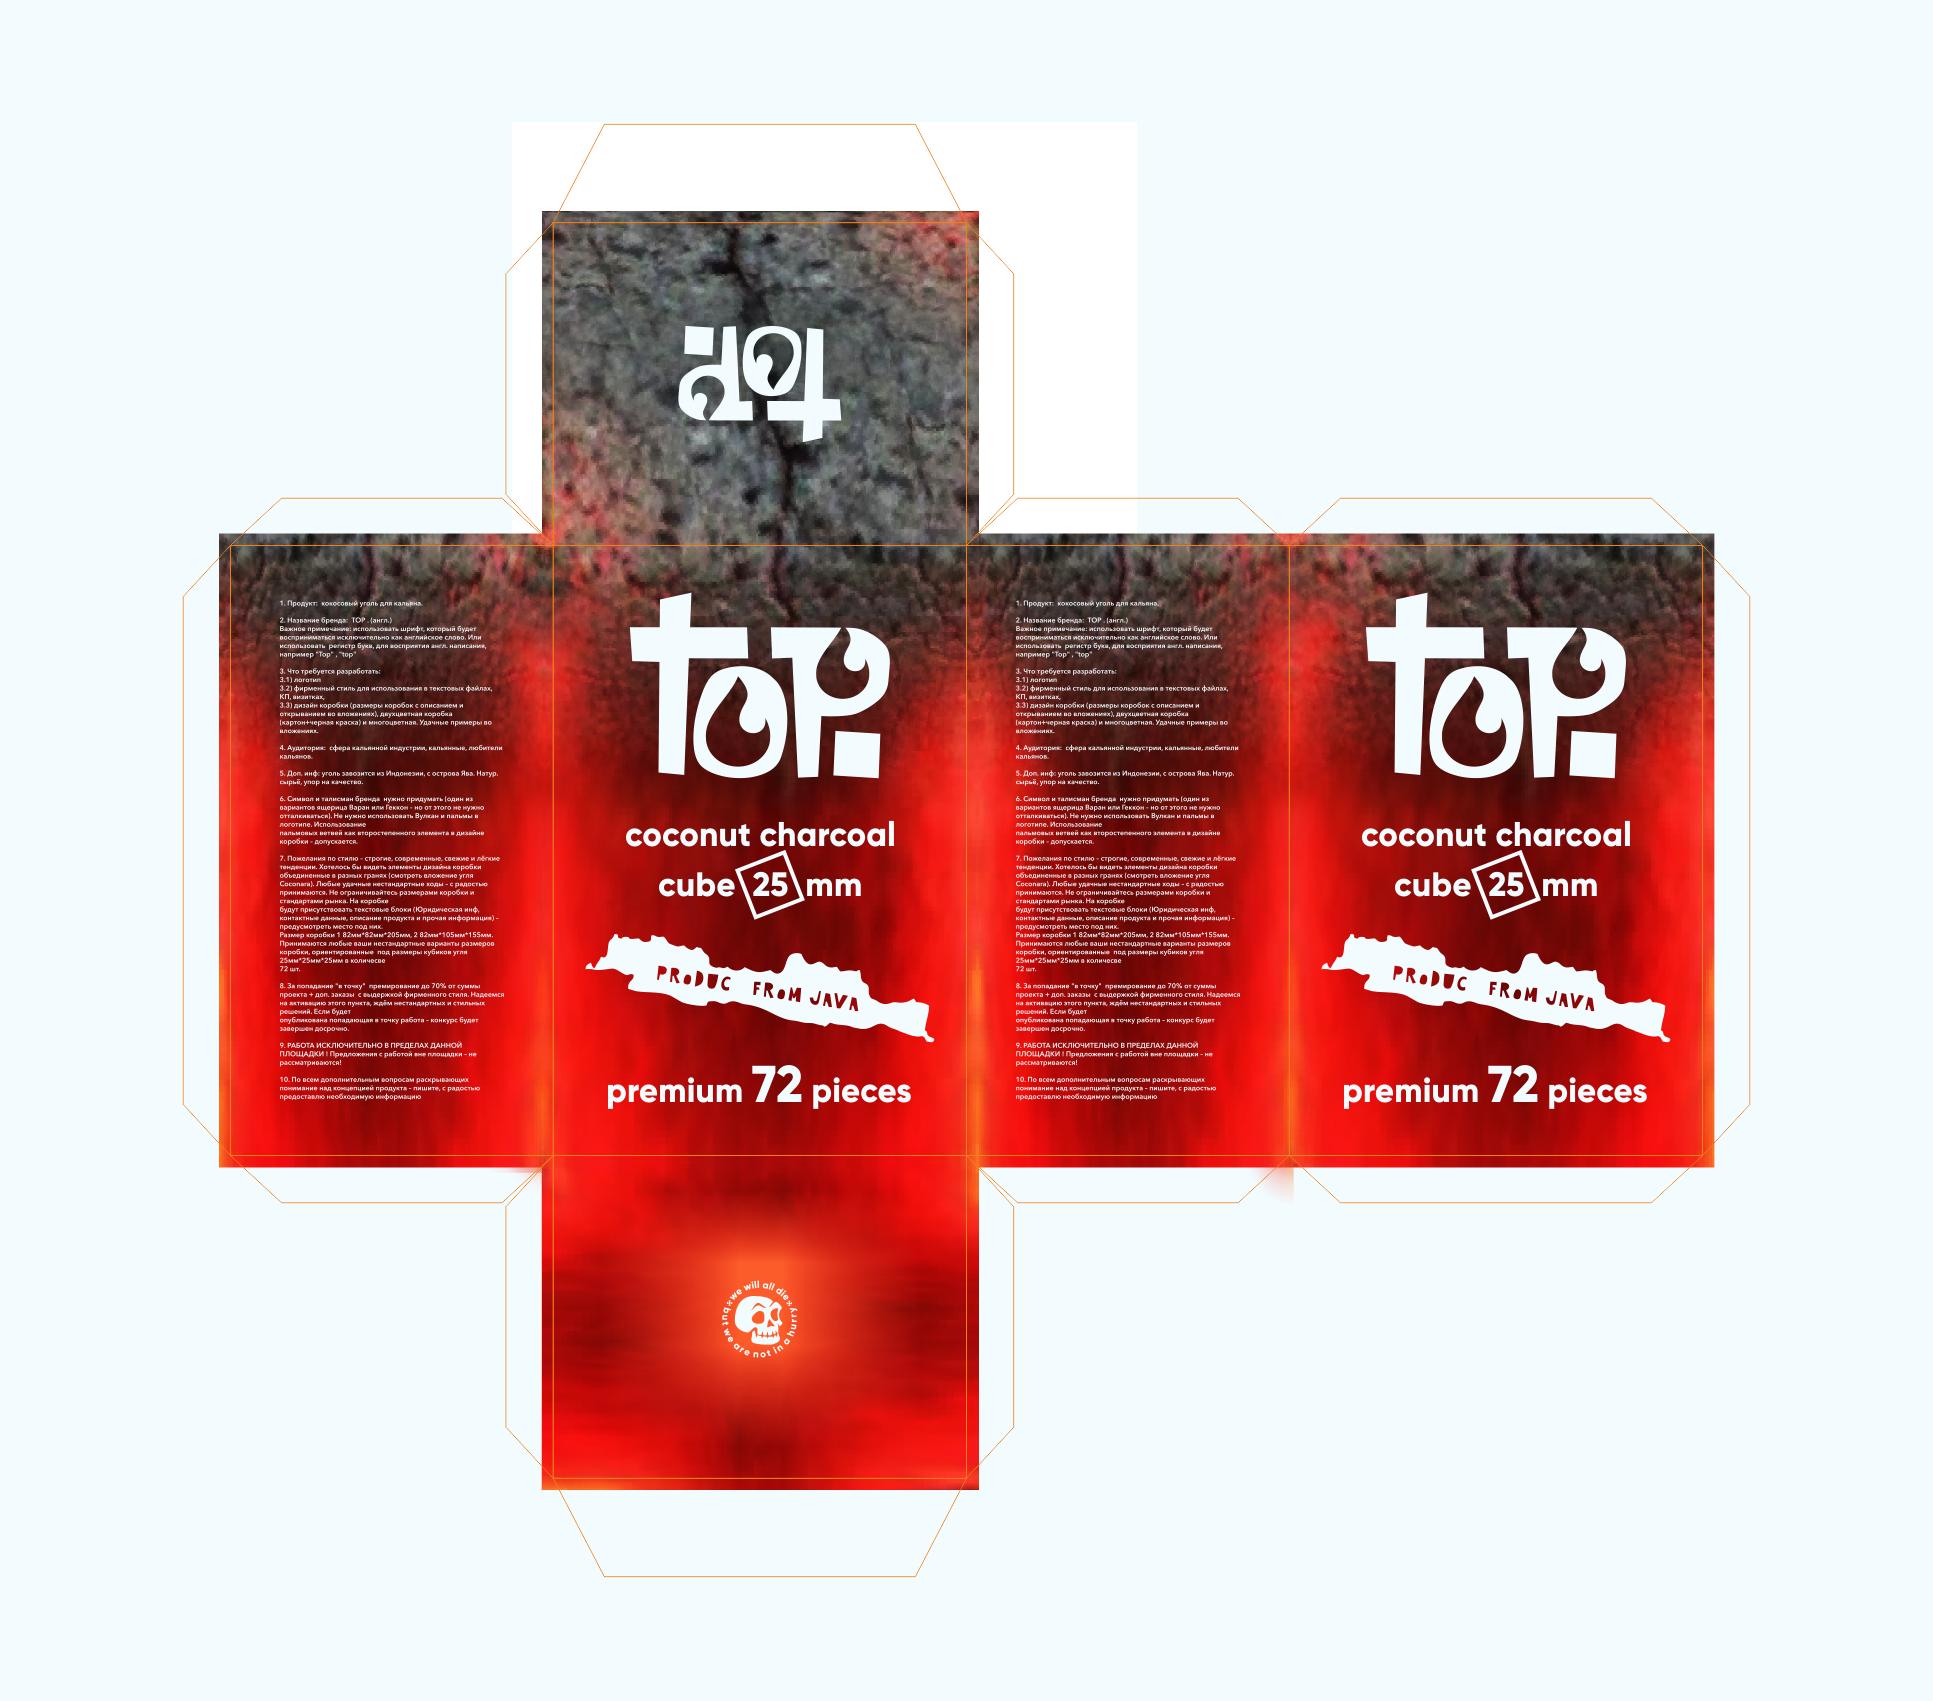 Разработка дизайна коробки, фирменного стиля, логотипа. фото f_4805c5dcf8f4e735.png